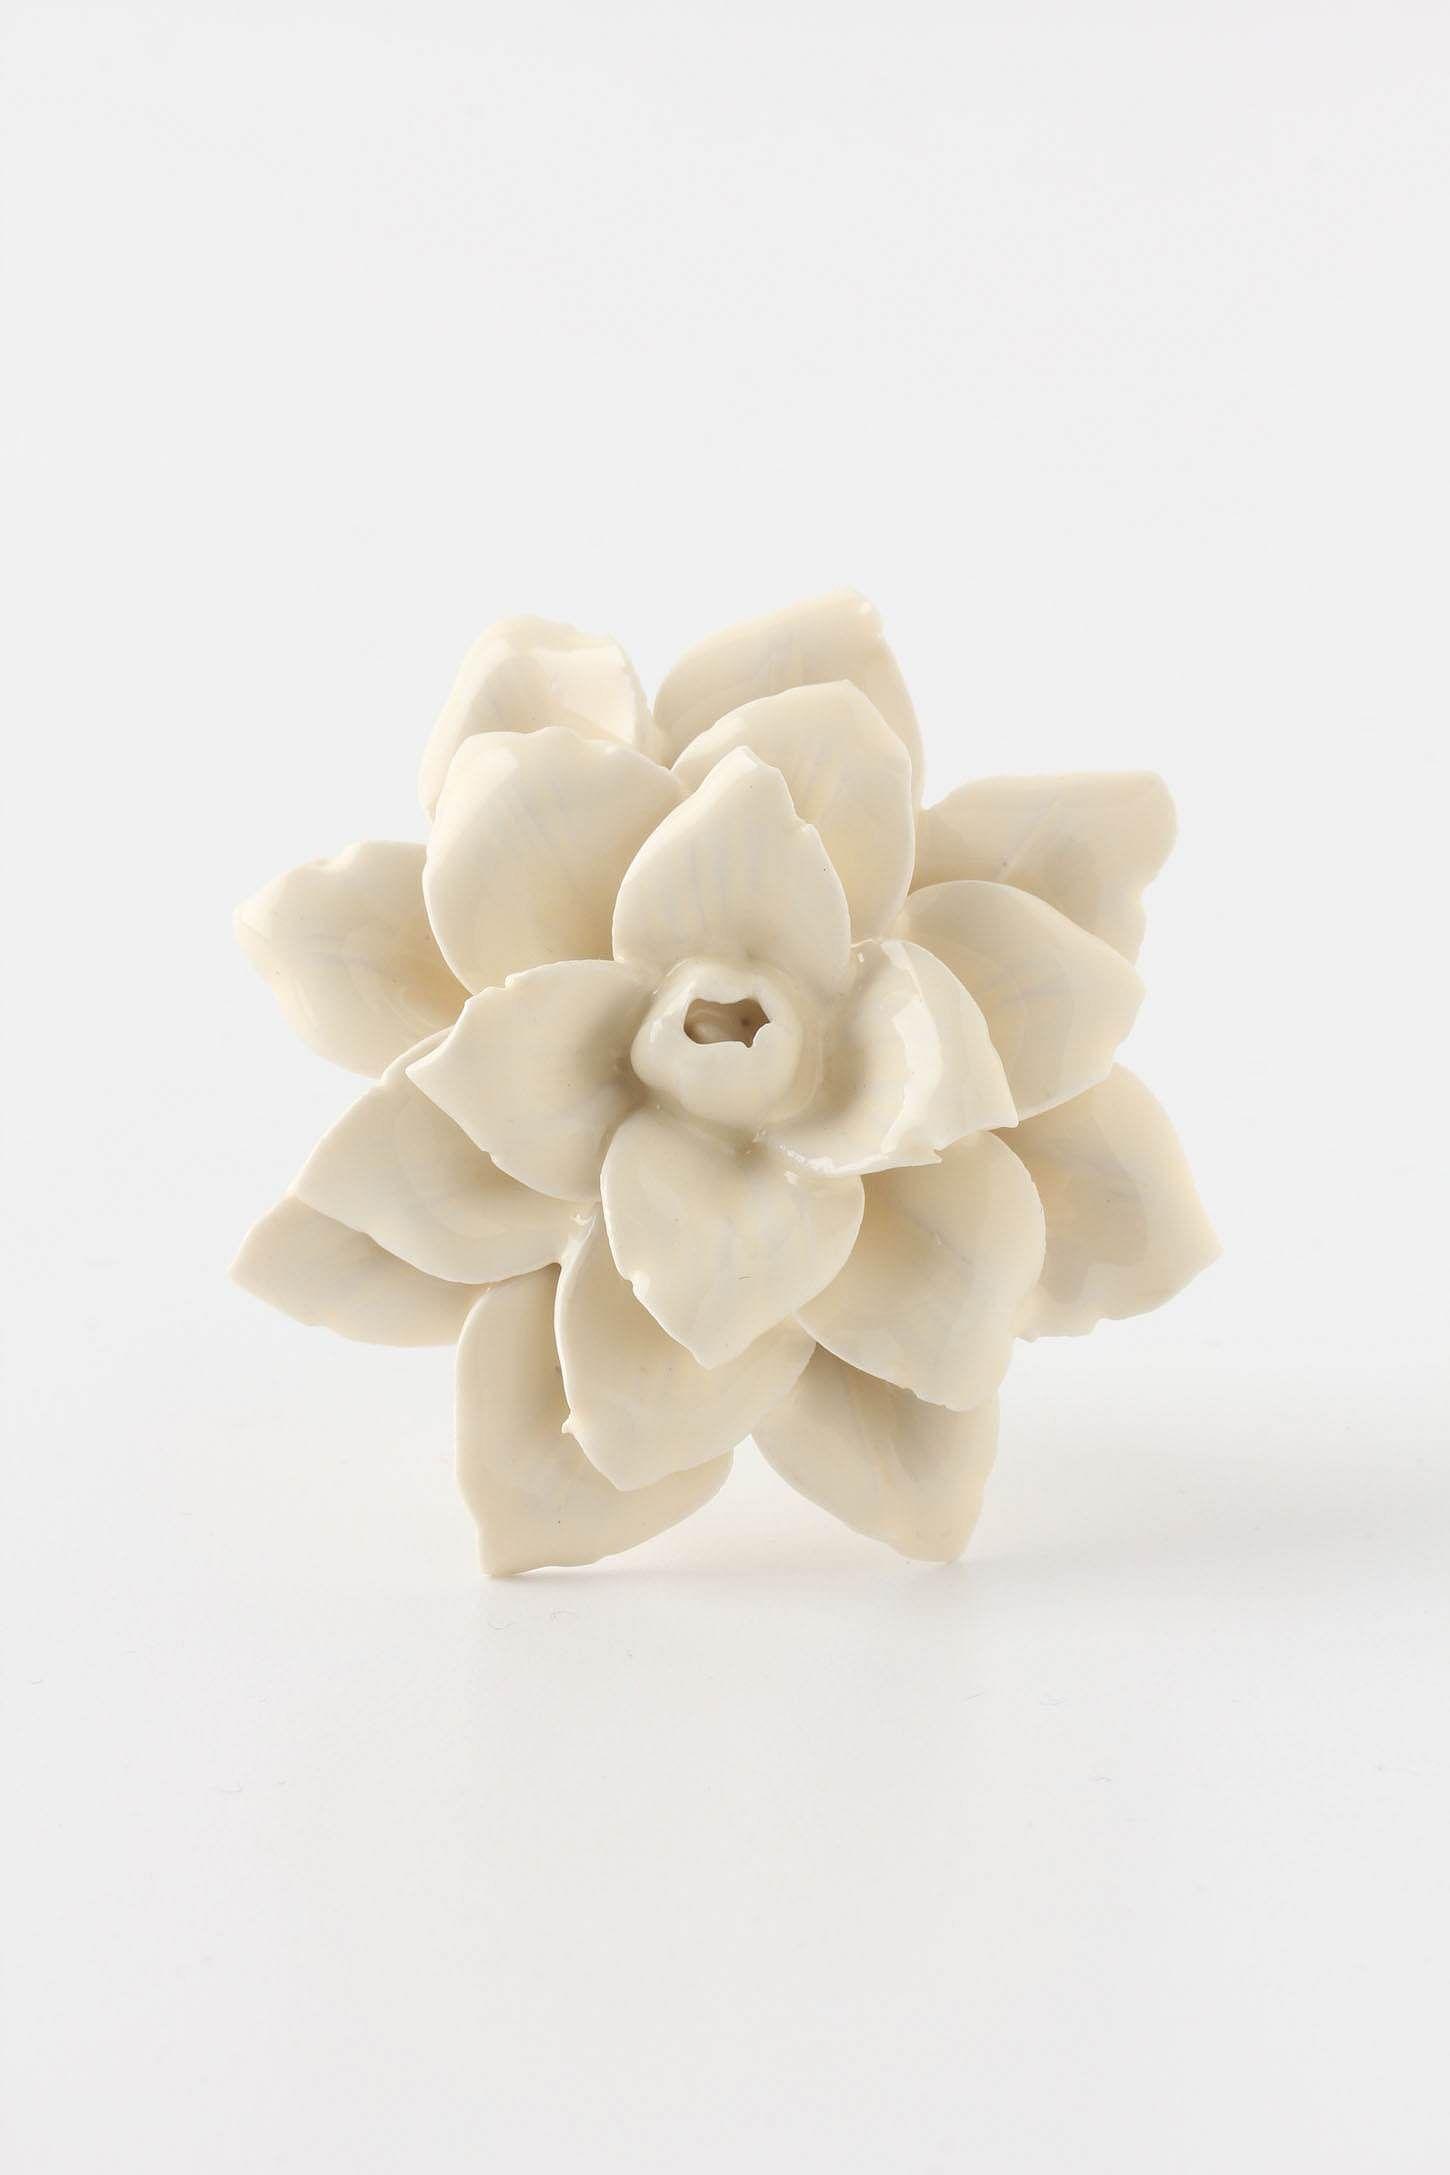 Linen Flower Knob Dresser Knobscabinet